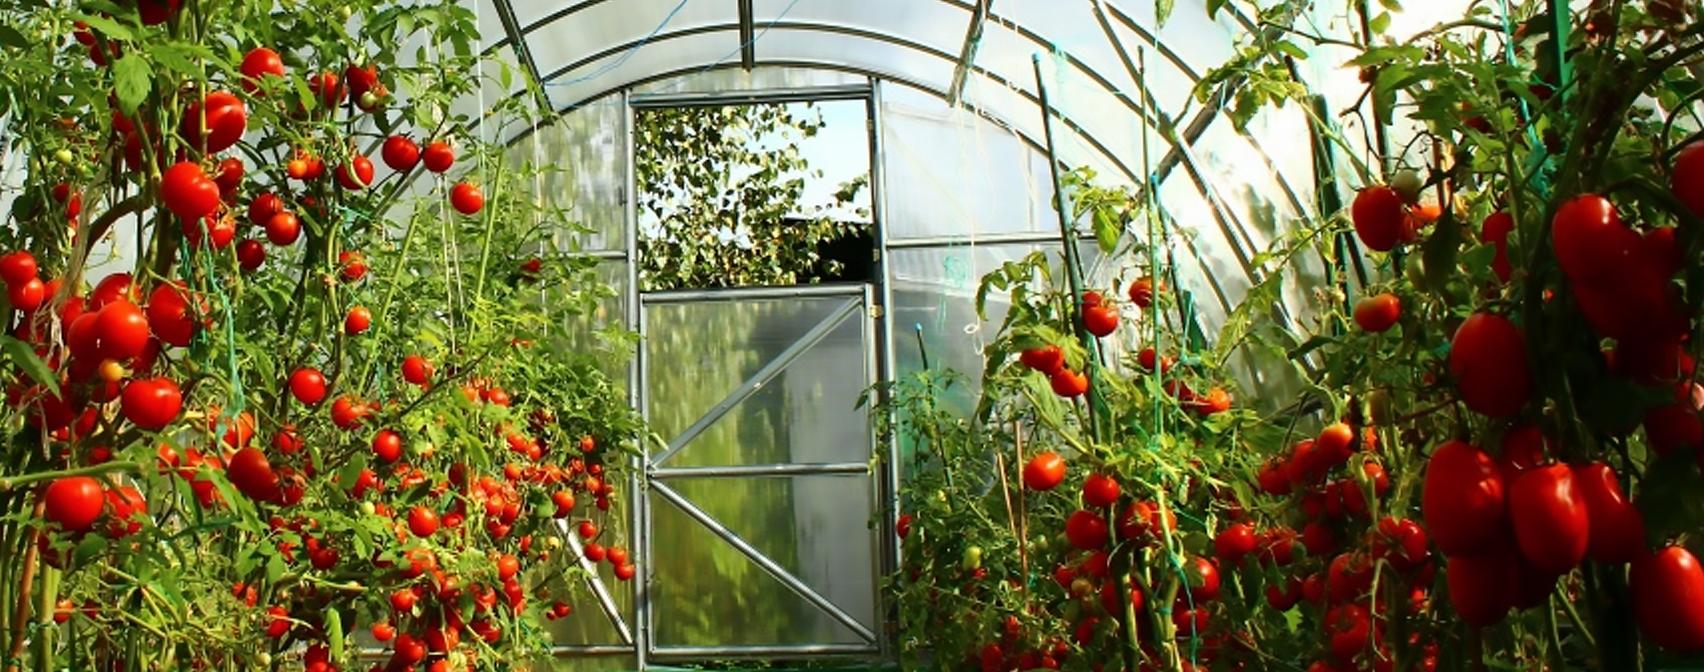 томат в теплице картинки если обращении будет